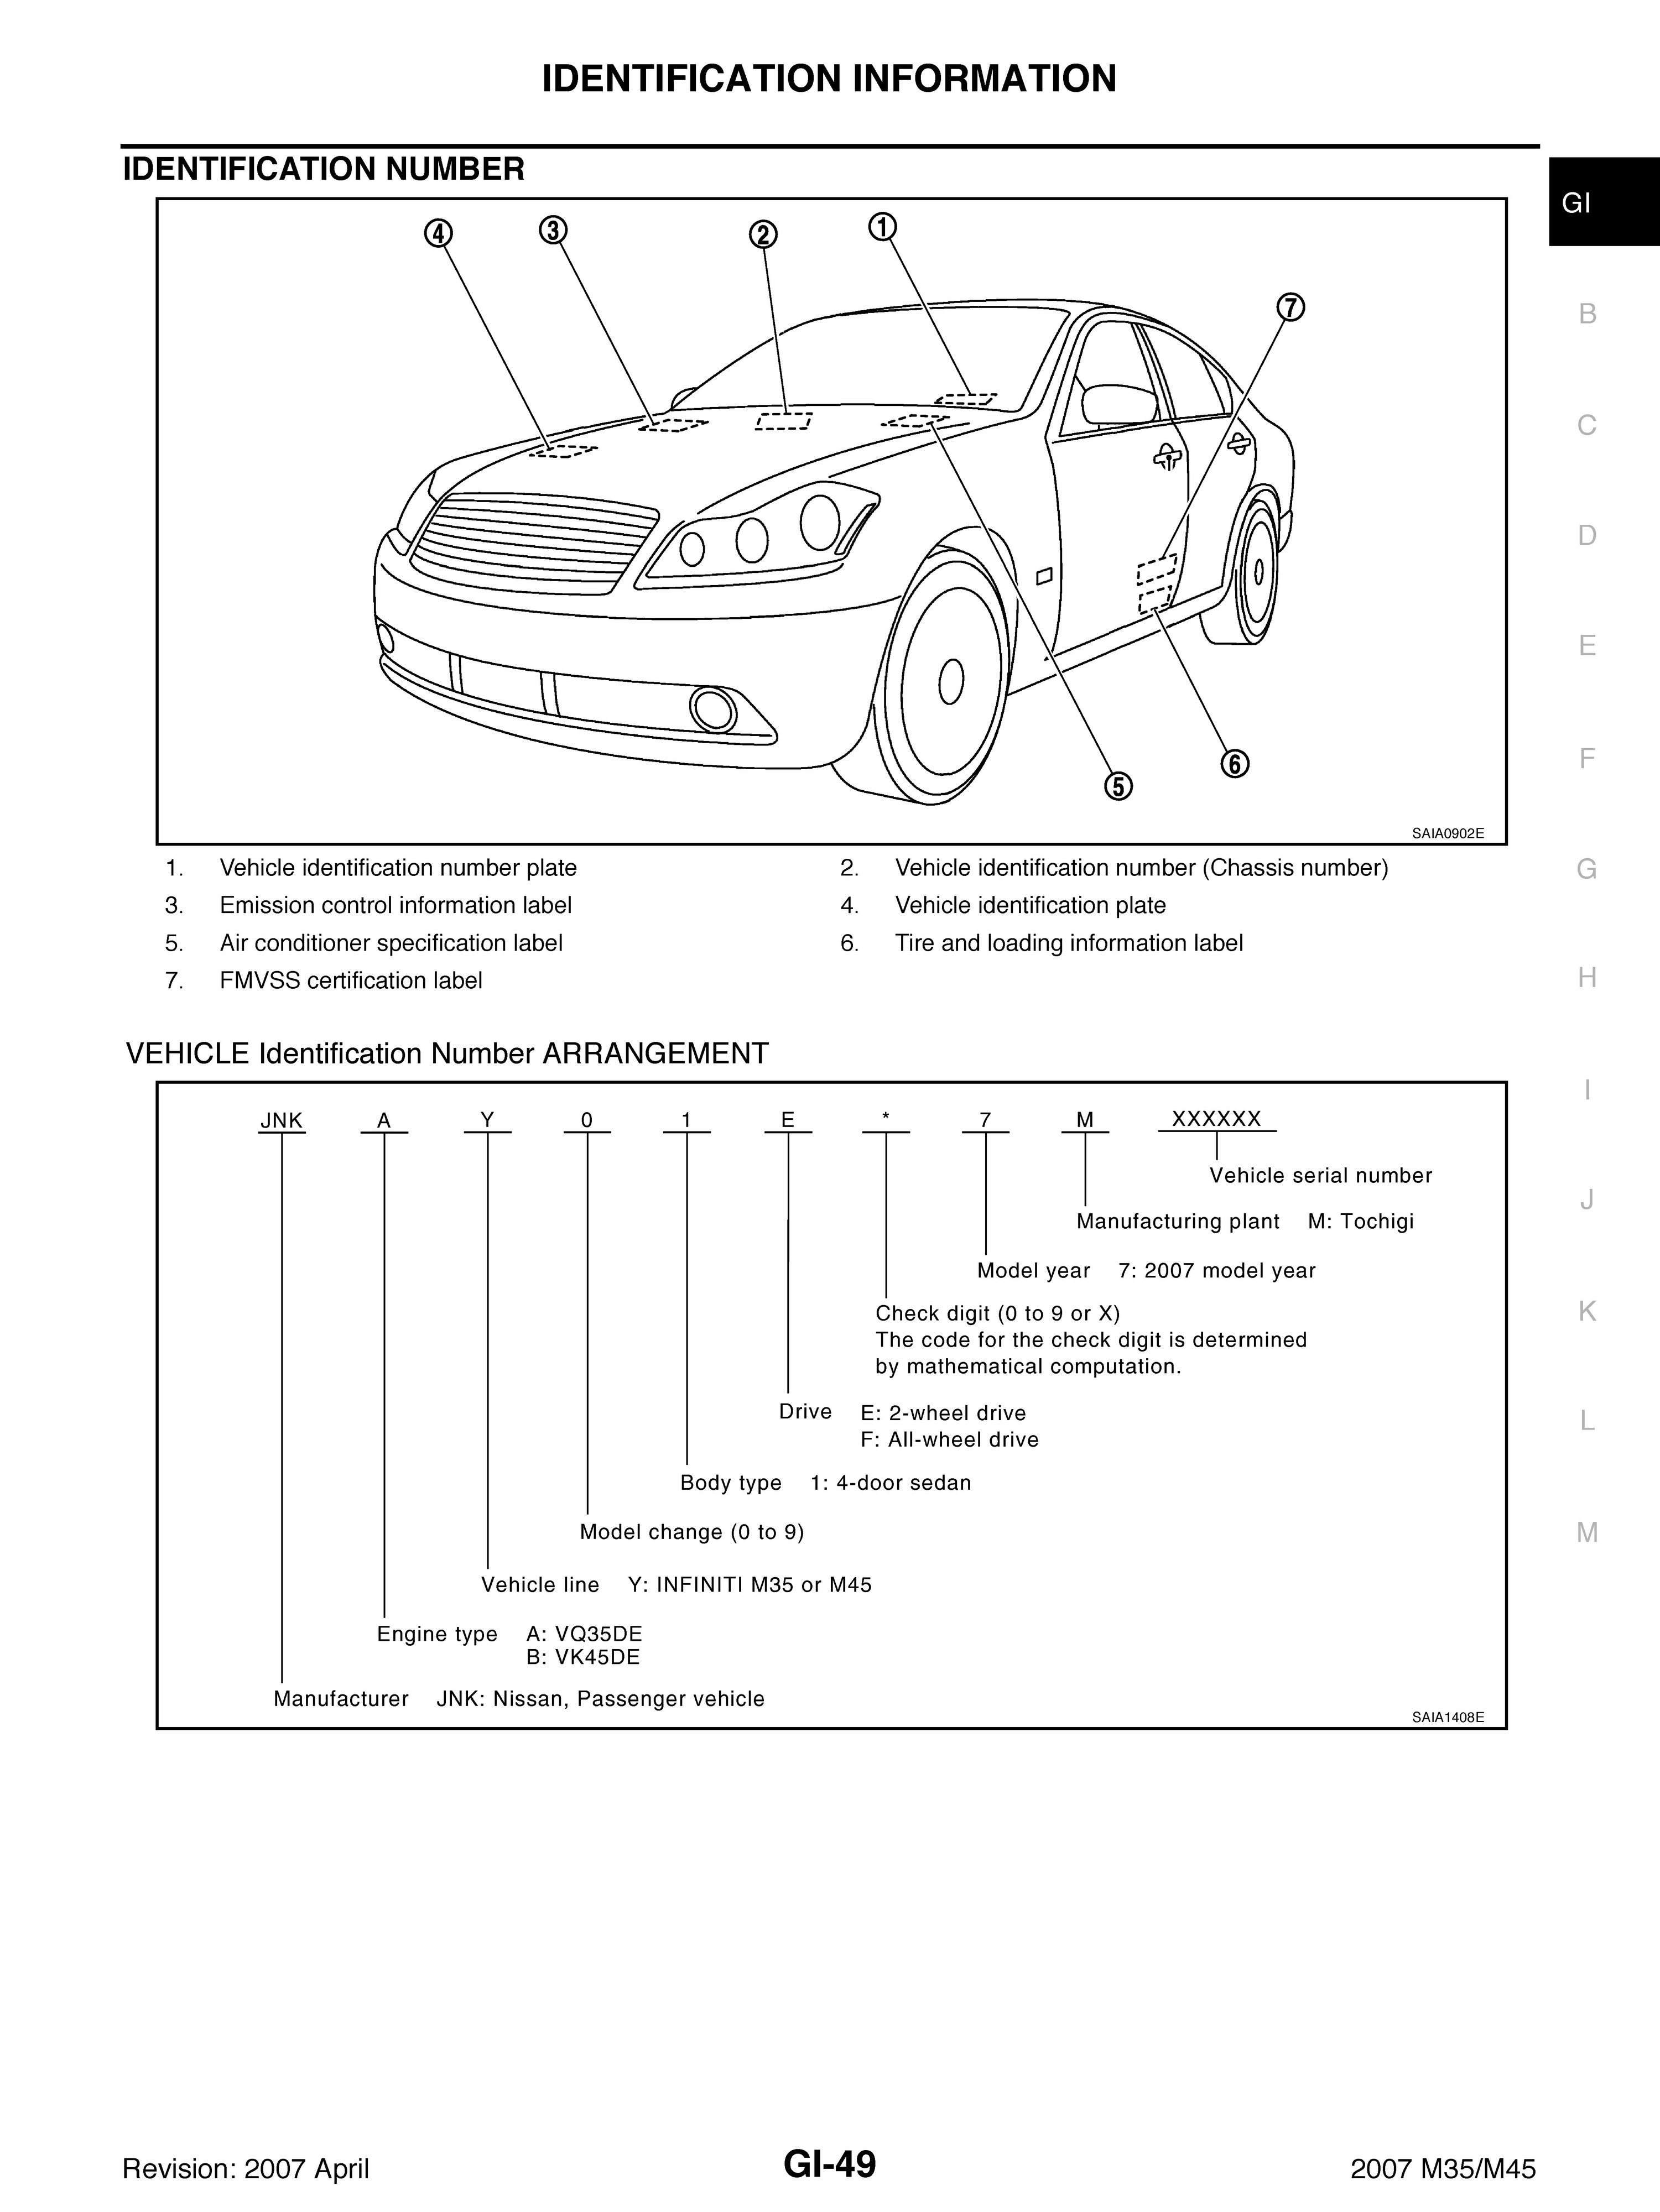 2003 2007 Infiniti M45 M35 Oem Workshop Service And R Wiring Diagram Language English File Pdf